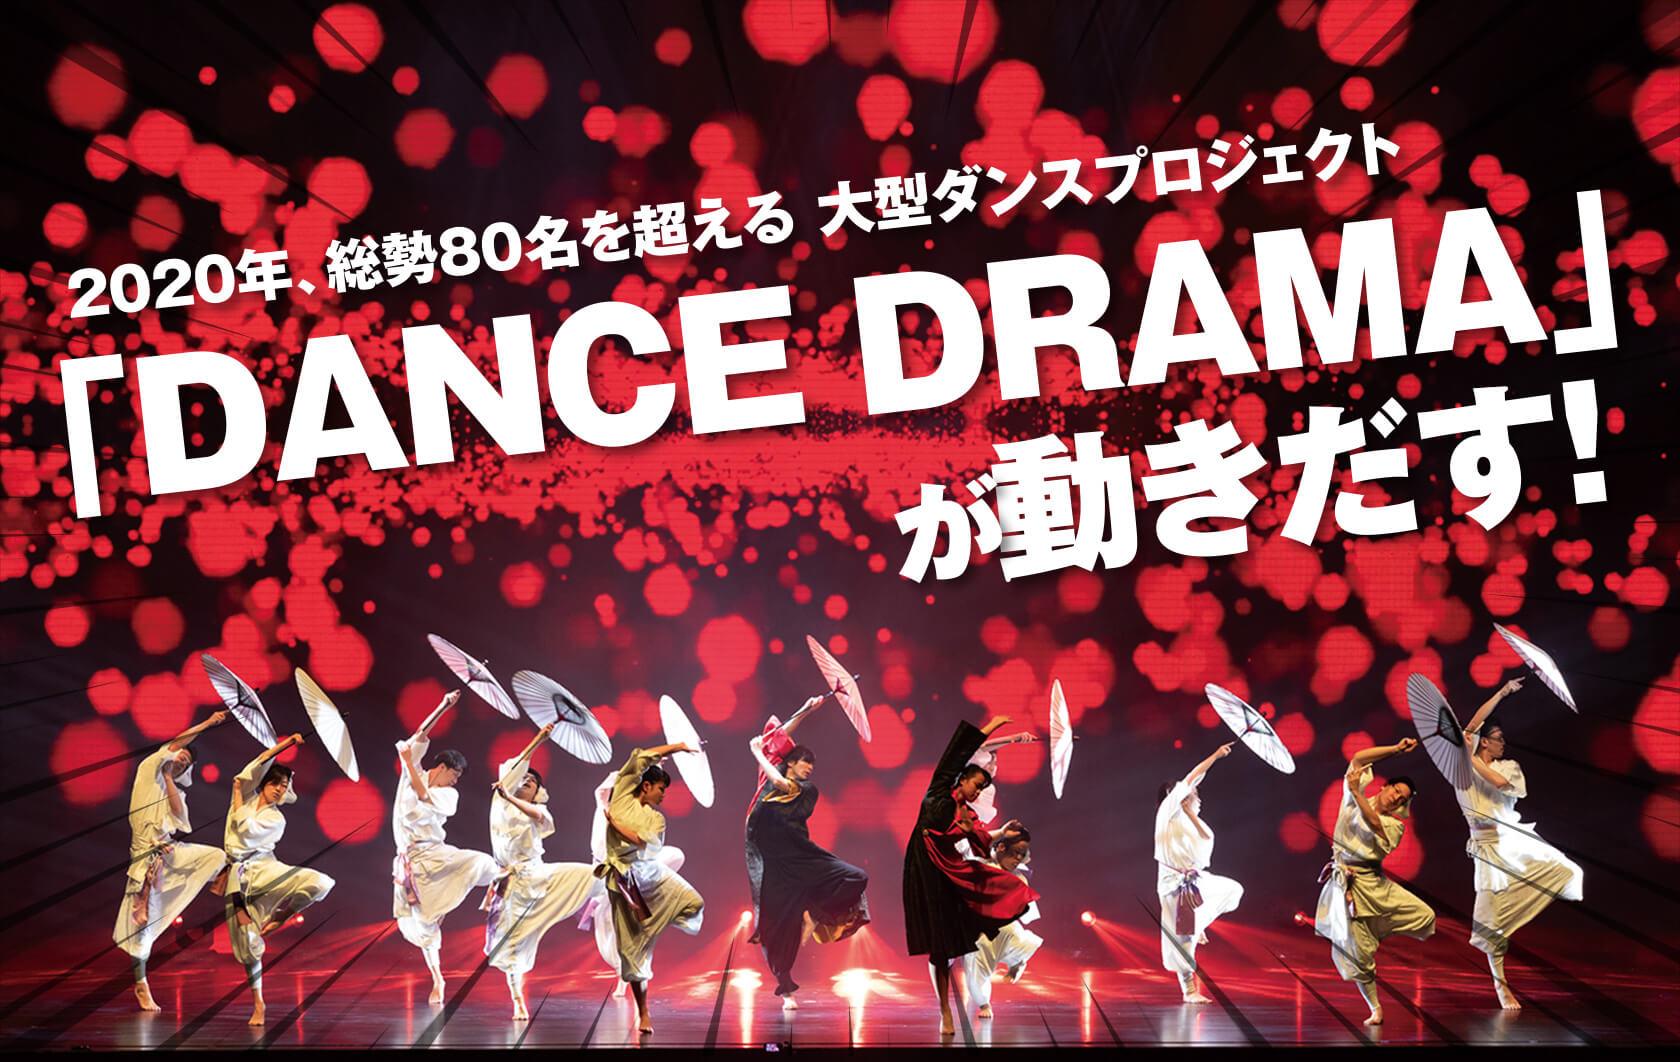 2020年、総勢80名を超える 大型ダンスプロジェクト「DANCE DRAMA」が動き出す!